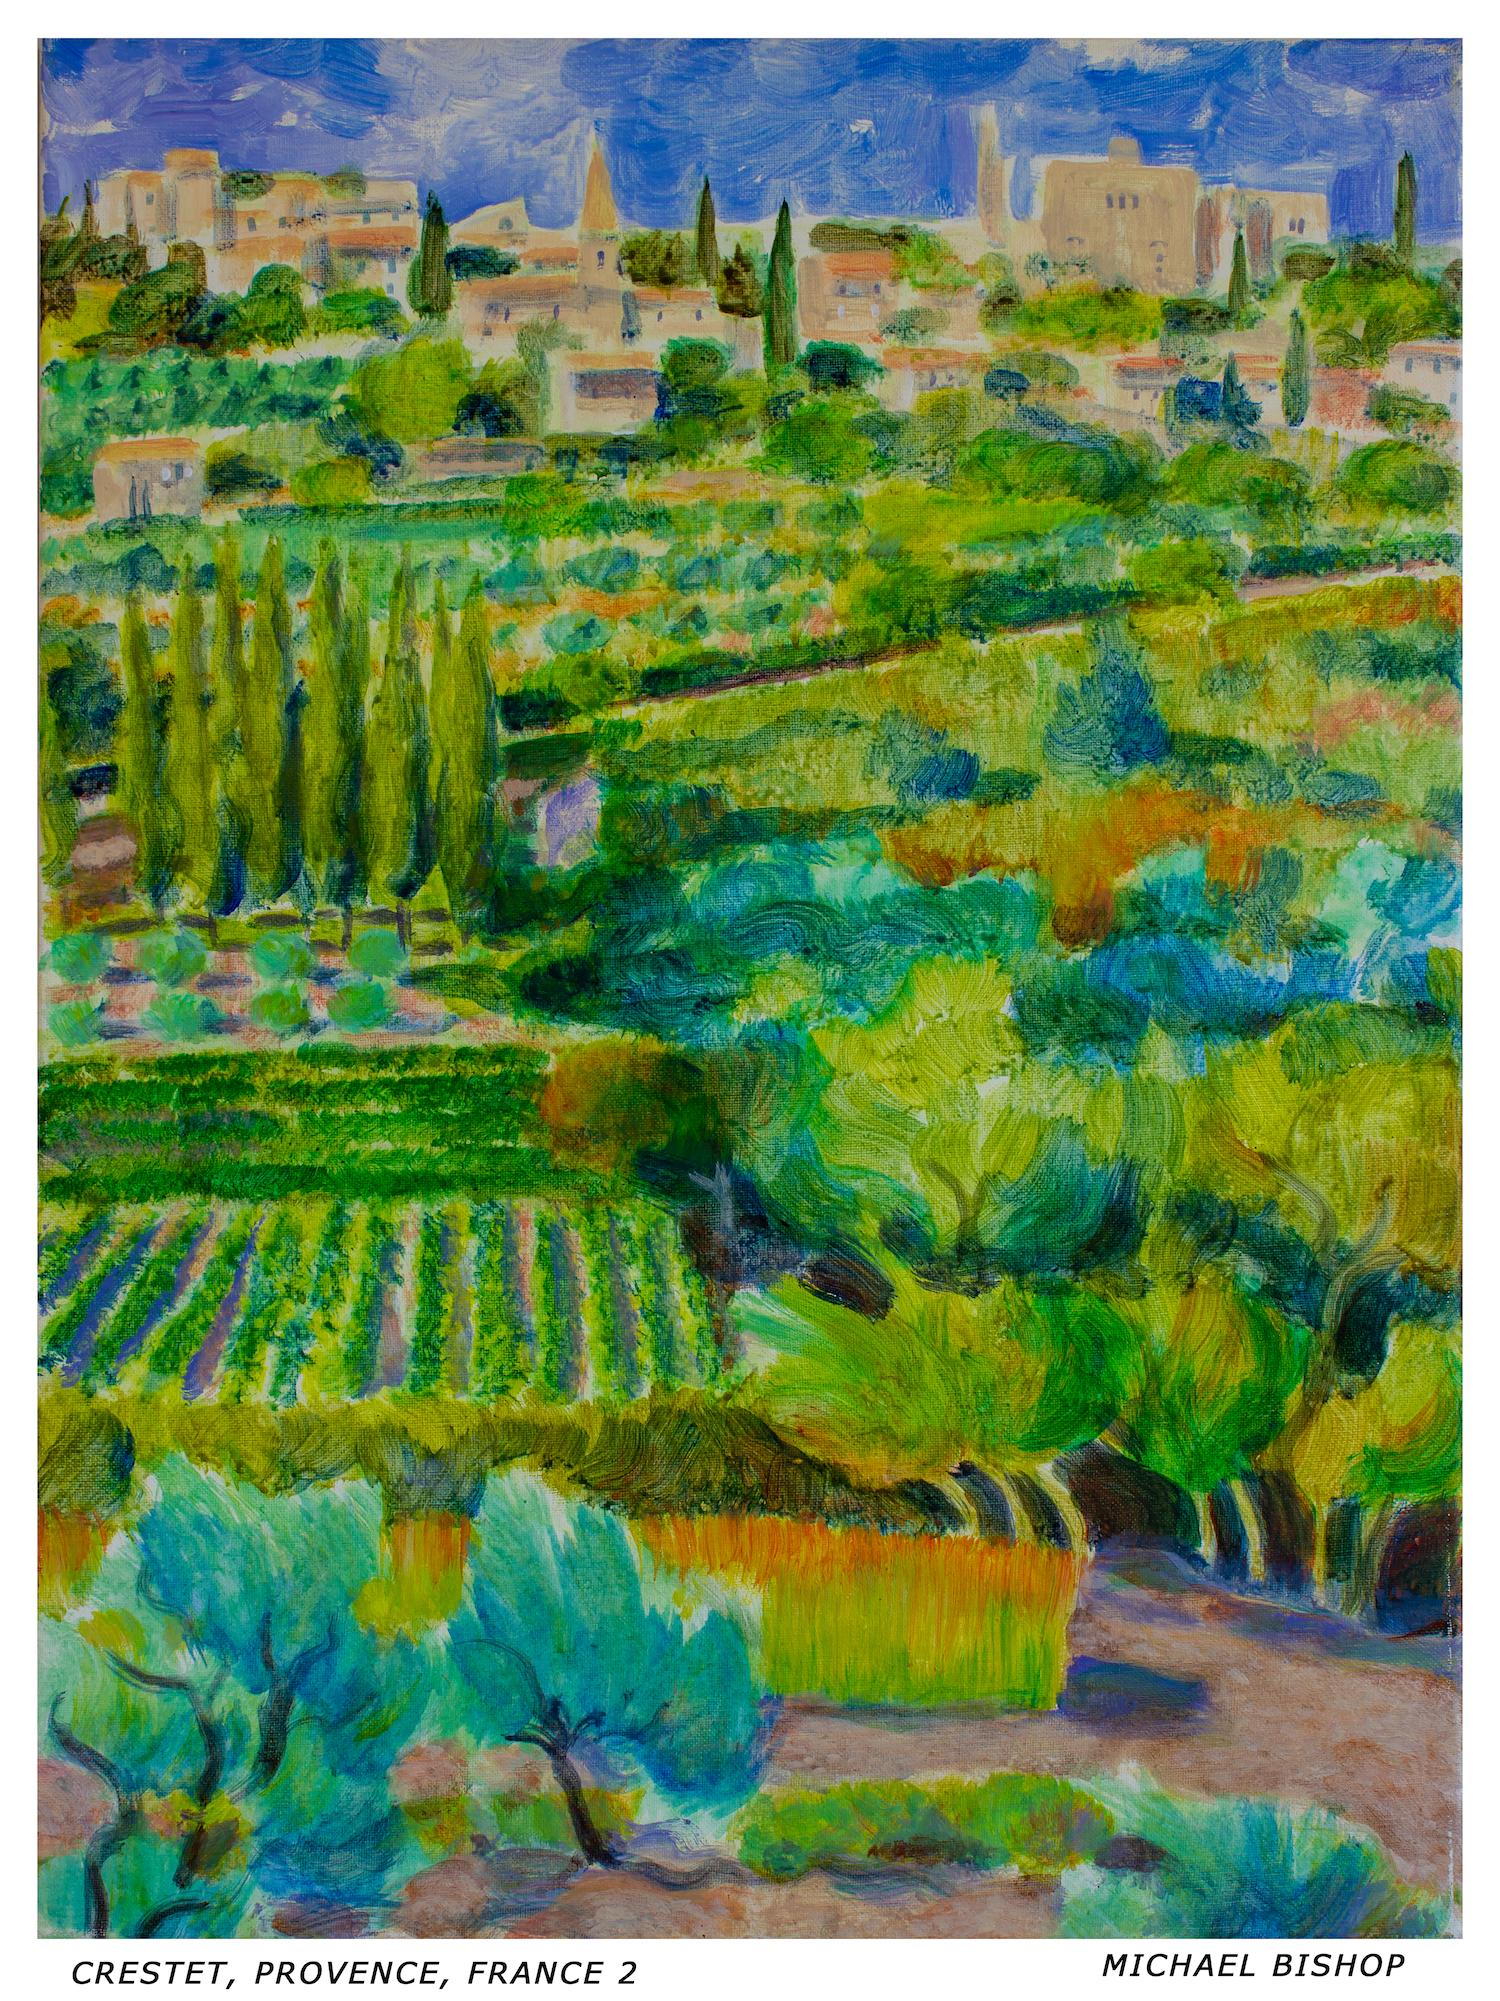 Crestet, Provence, France 2